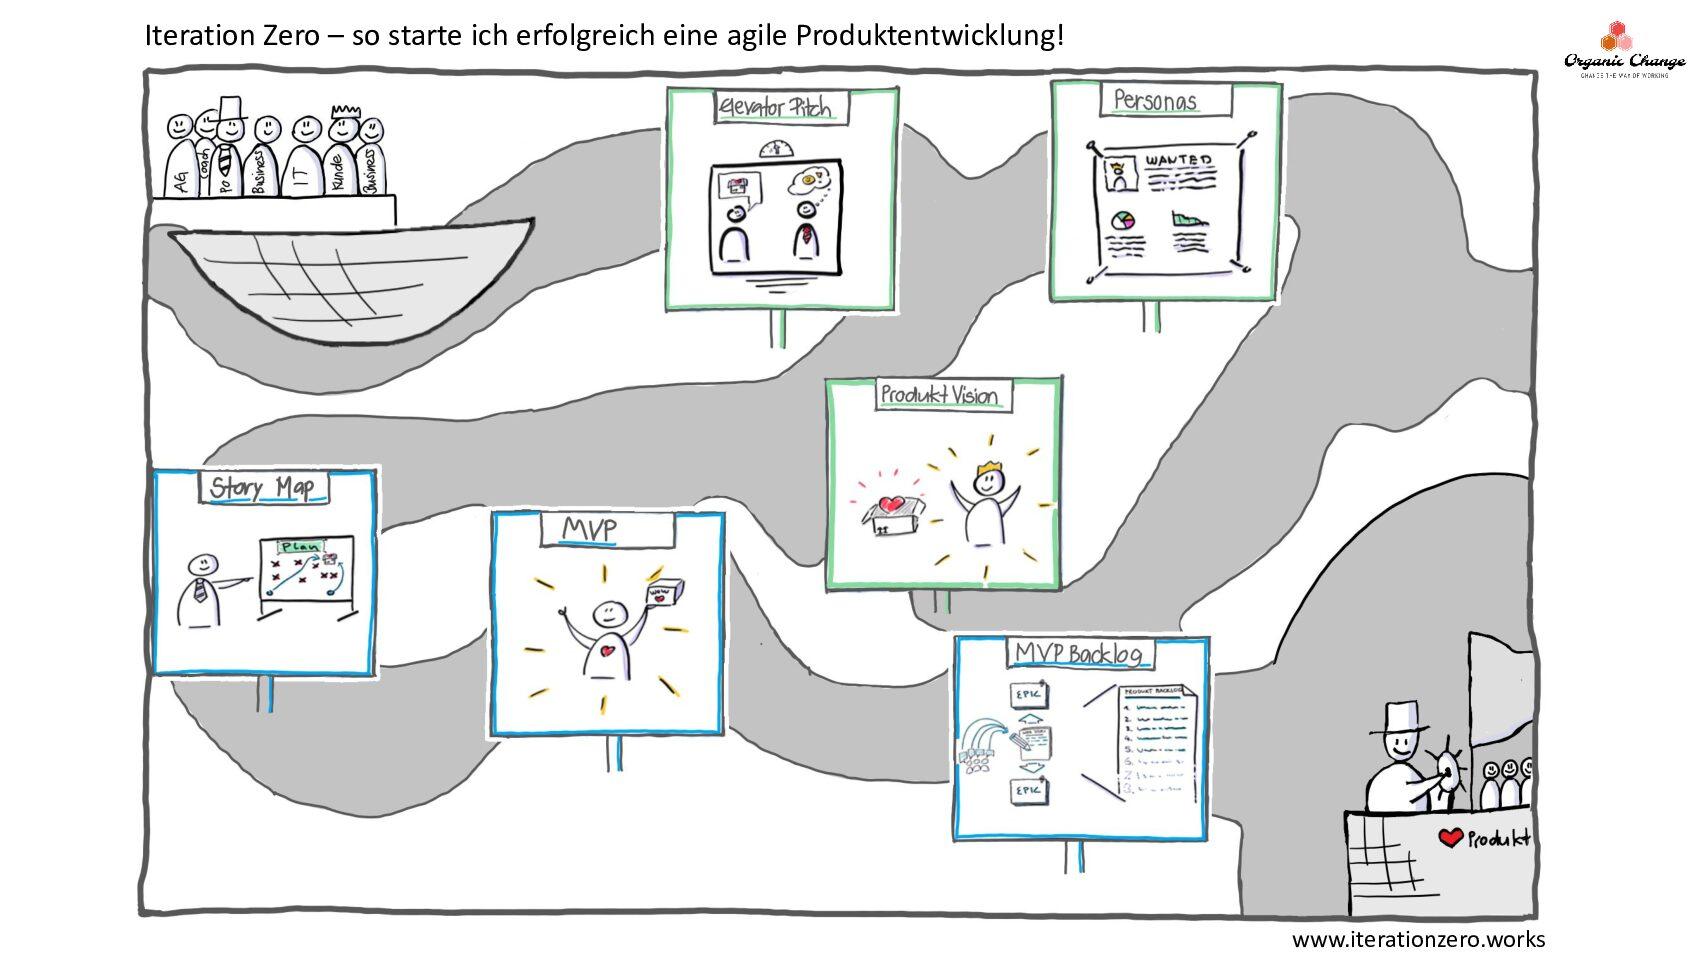 Produkt Visionen in Verwaltungen reifen lassen